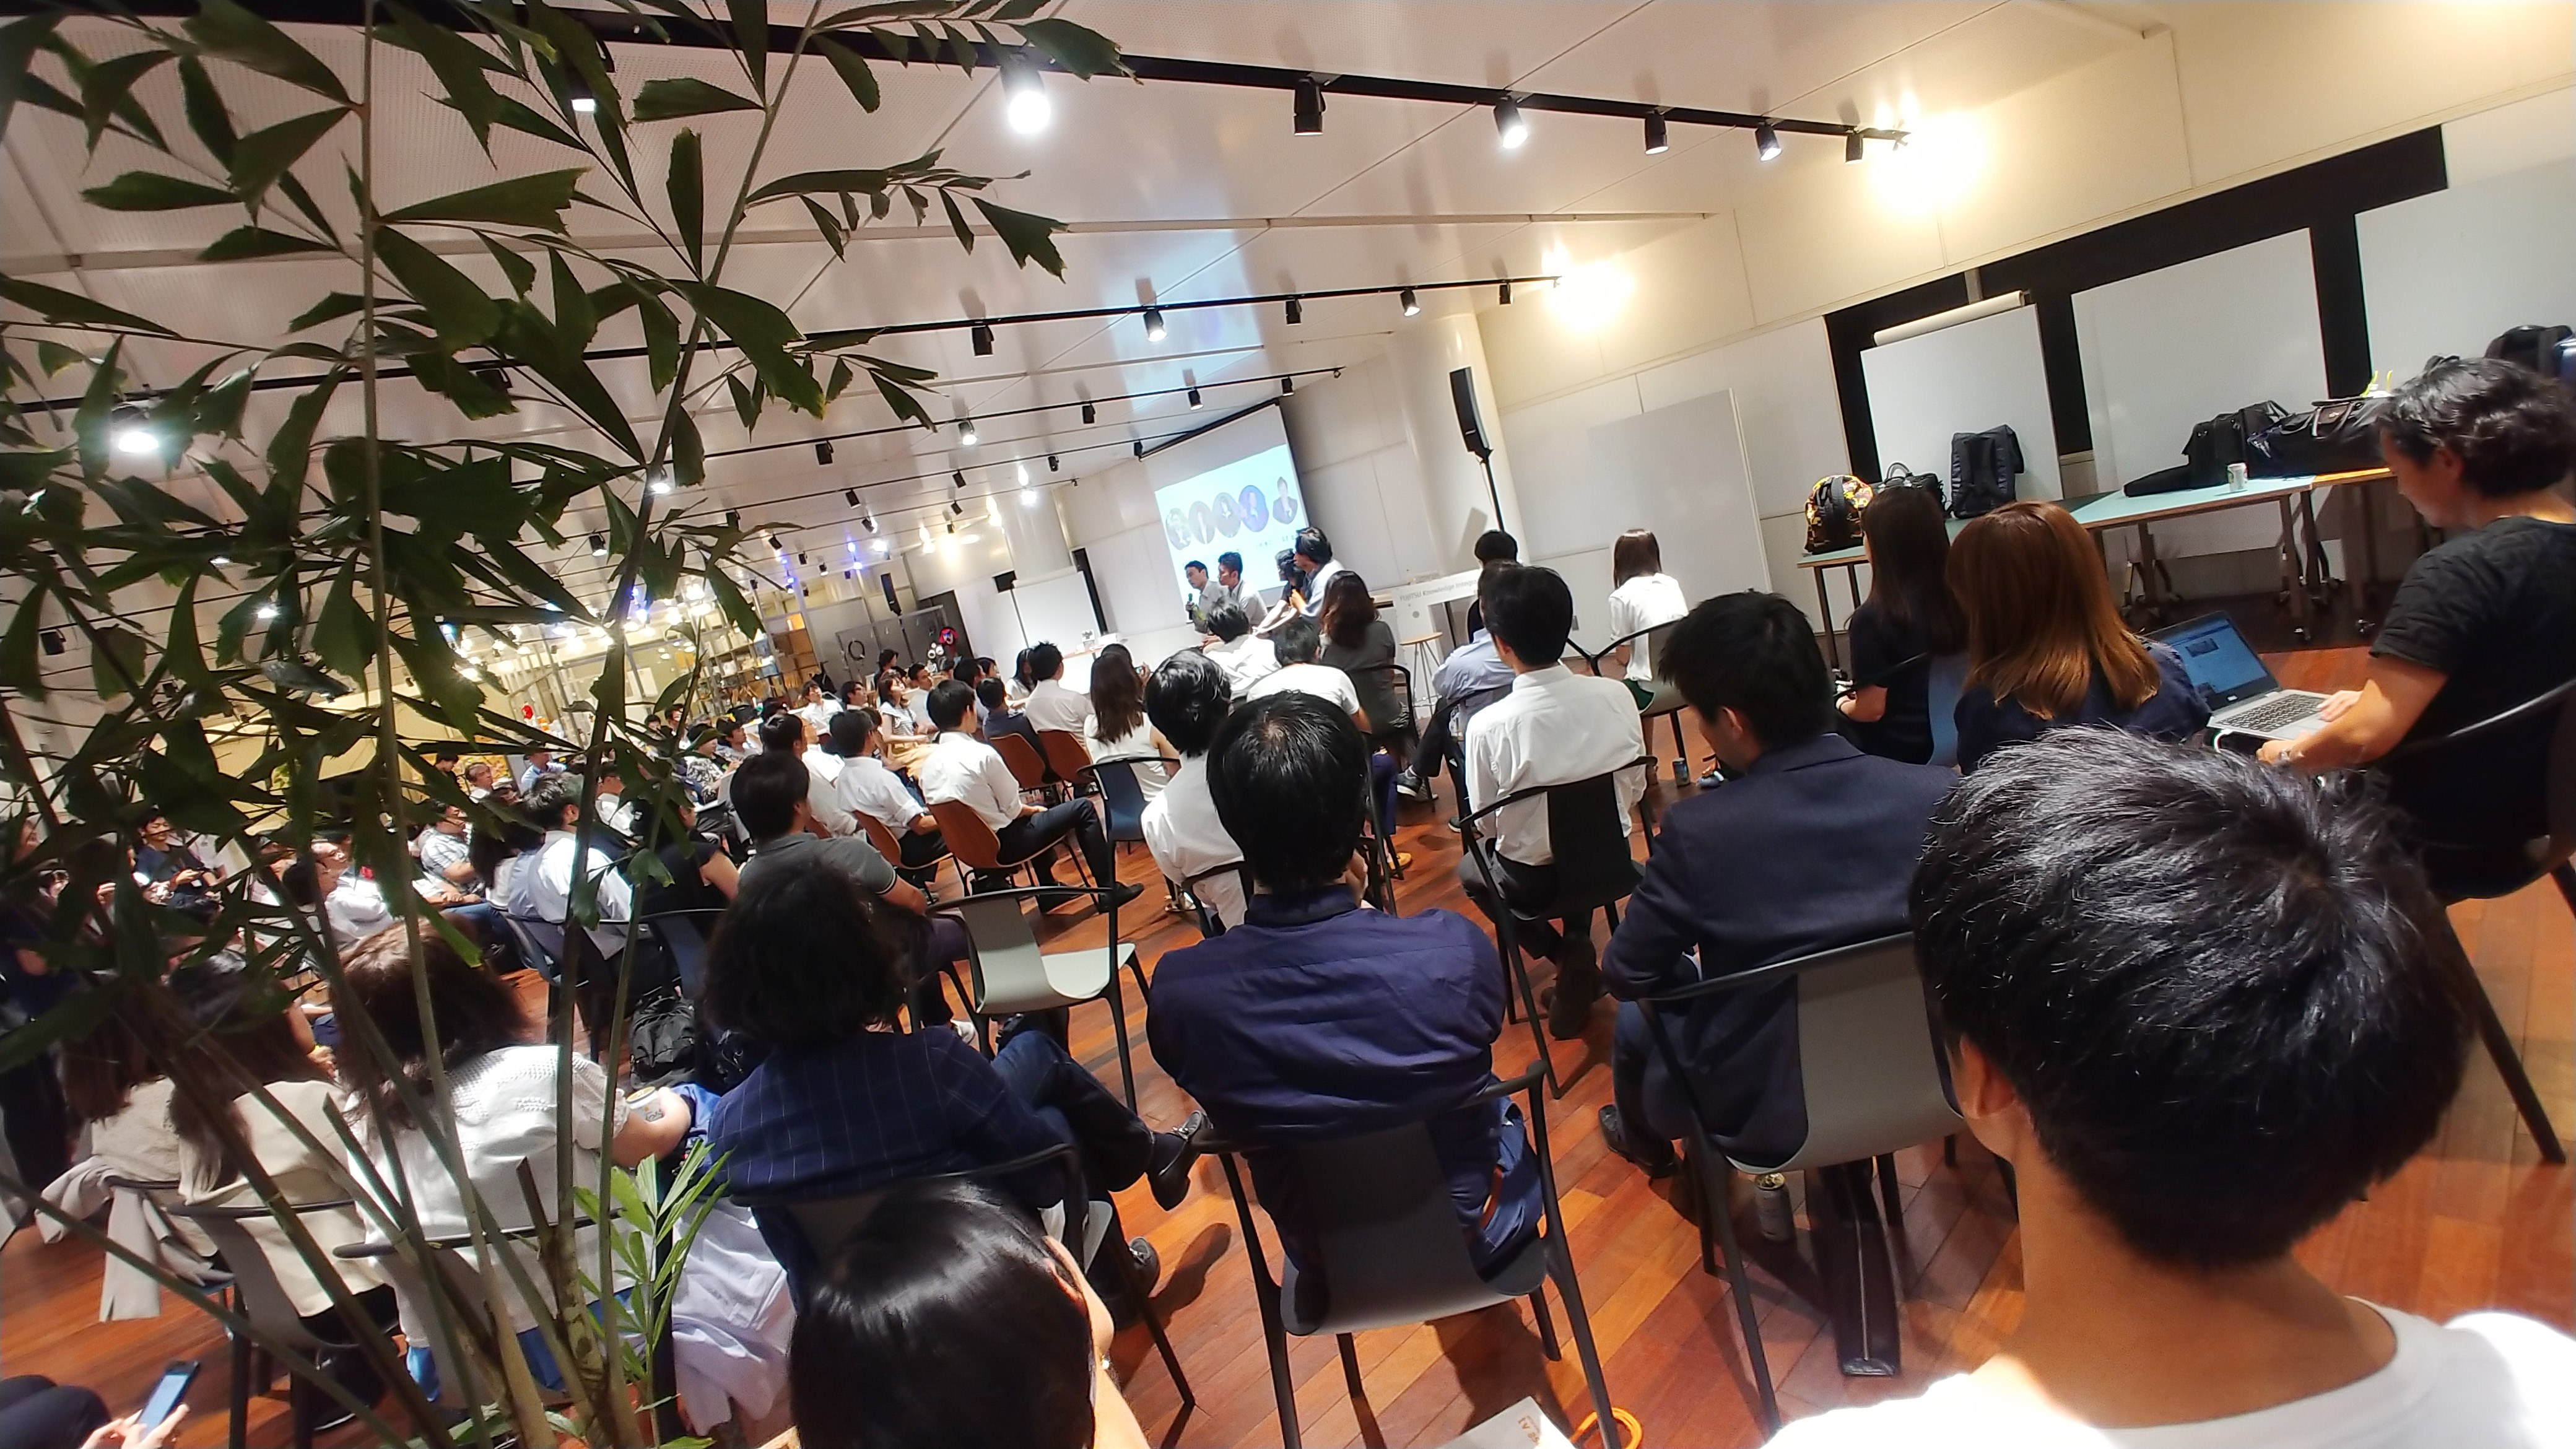 森若氏のイノベーション大交流会、会場には多くの人が集まった。